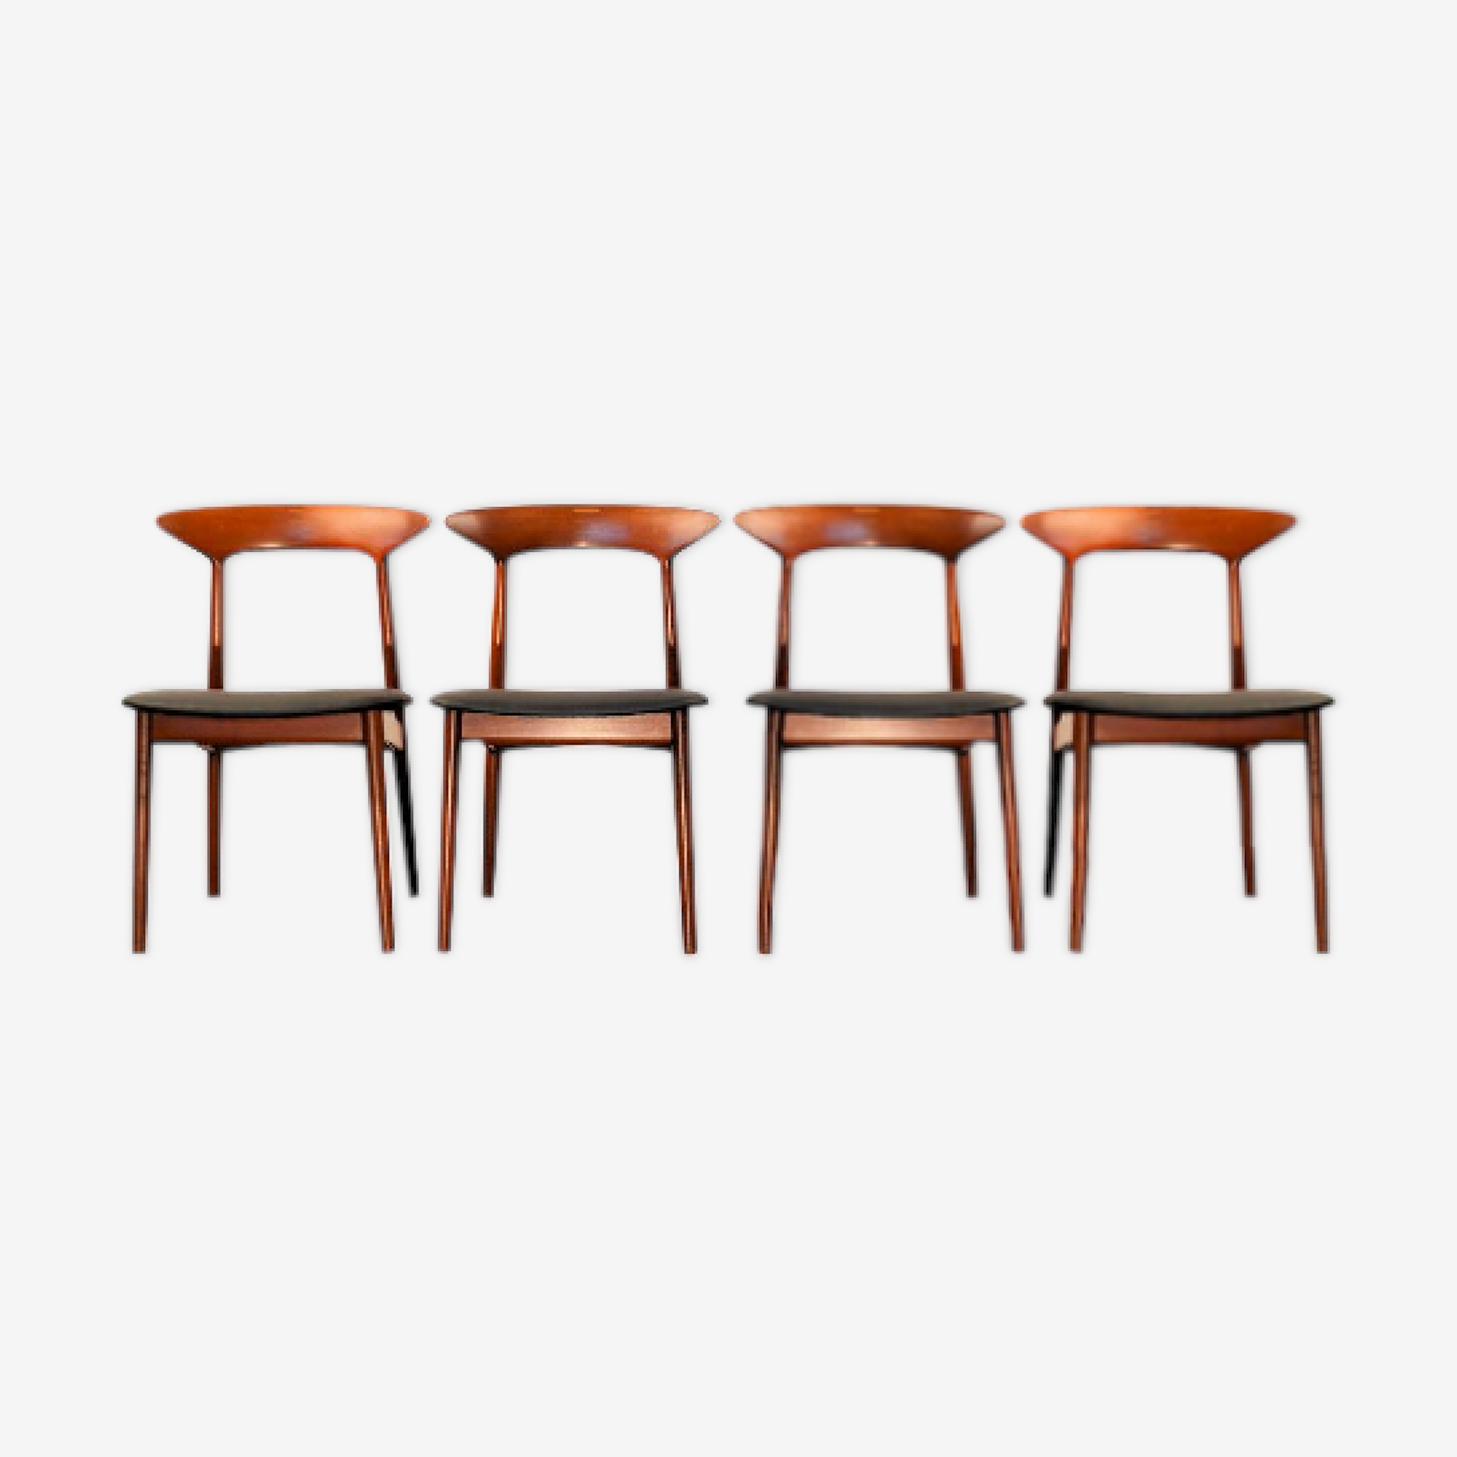 Chaises de salle à manger en teck vintage par Kurt Østervig